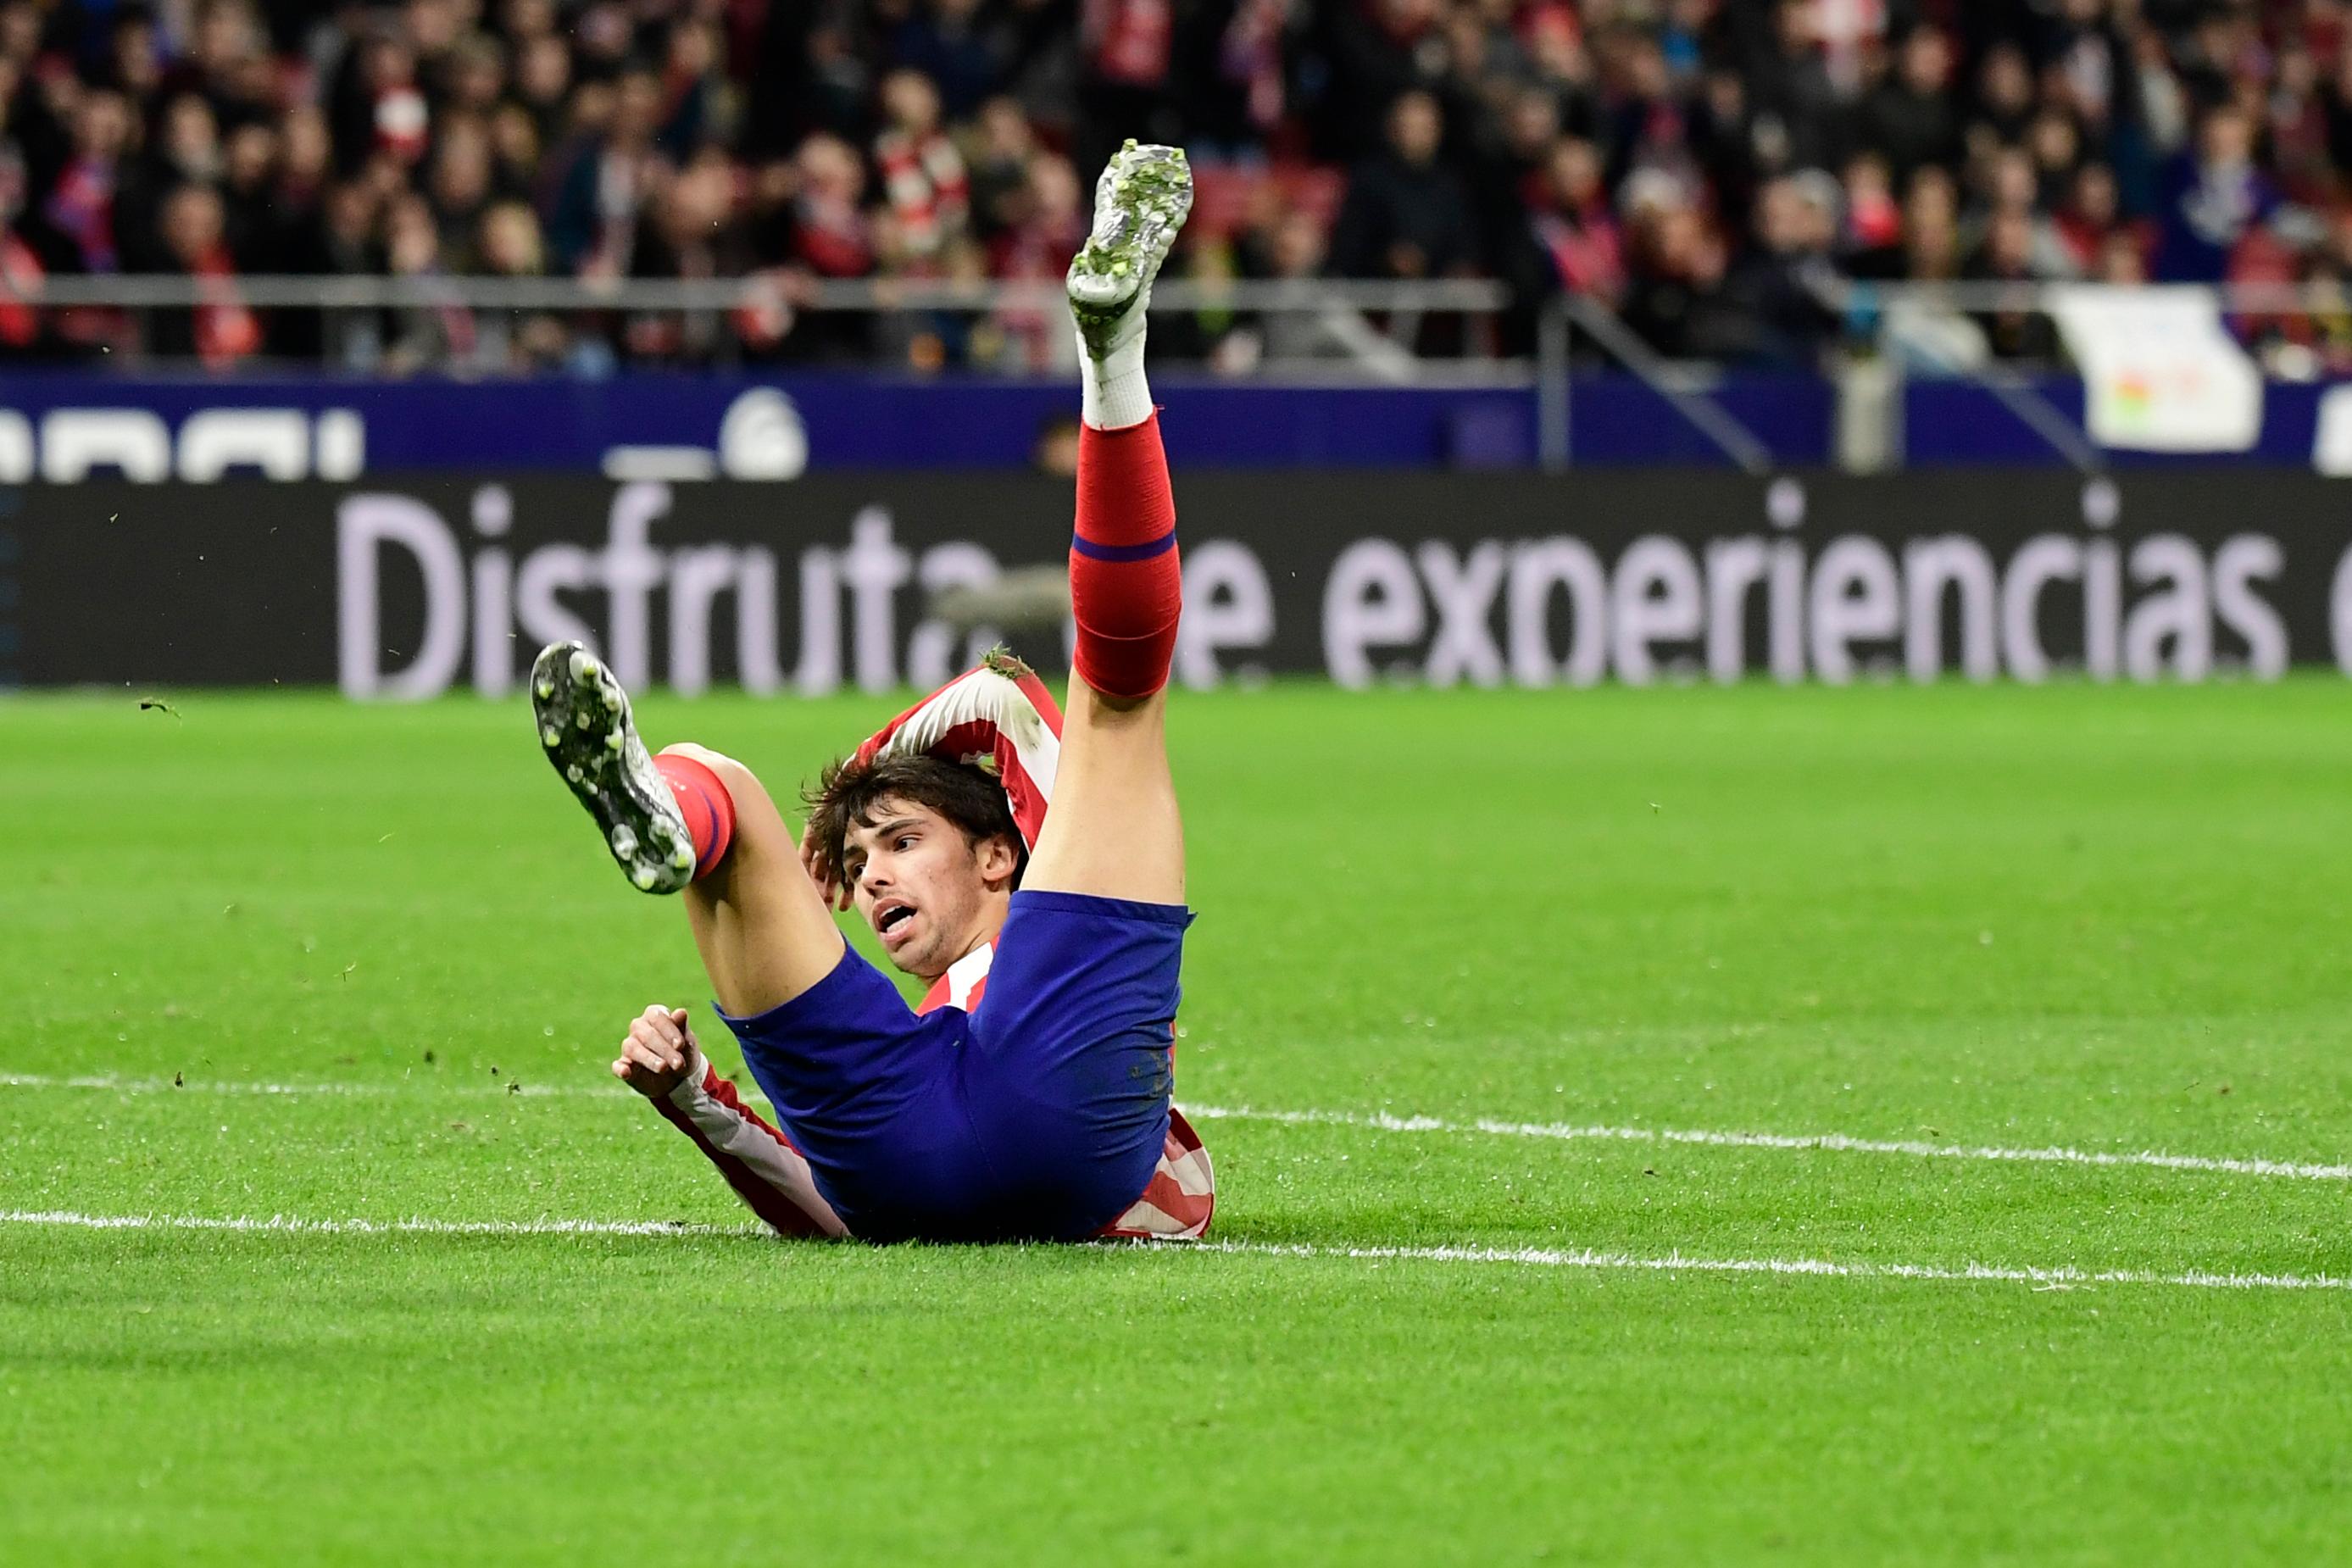 João Félix lesiona-se durante treino do Atlético Madrid